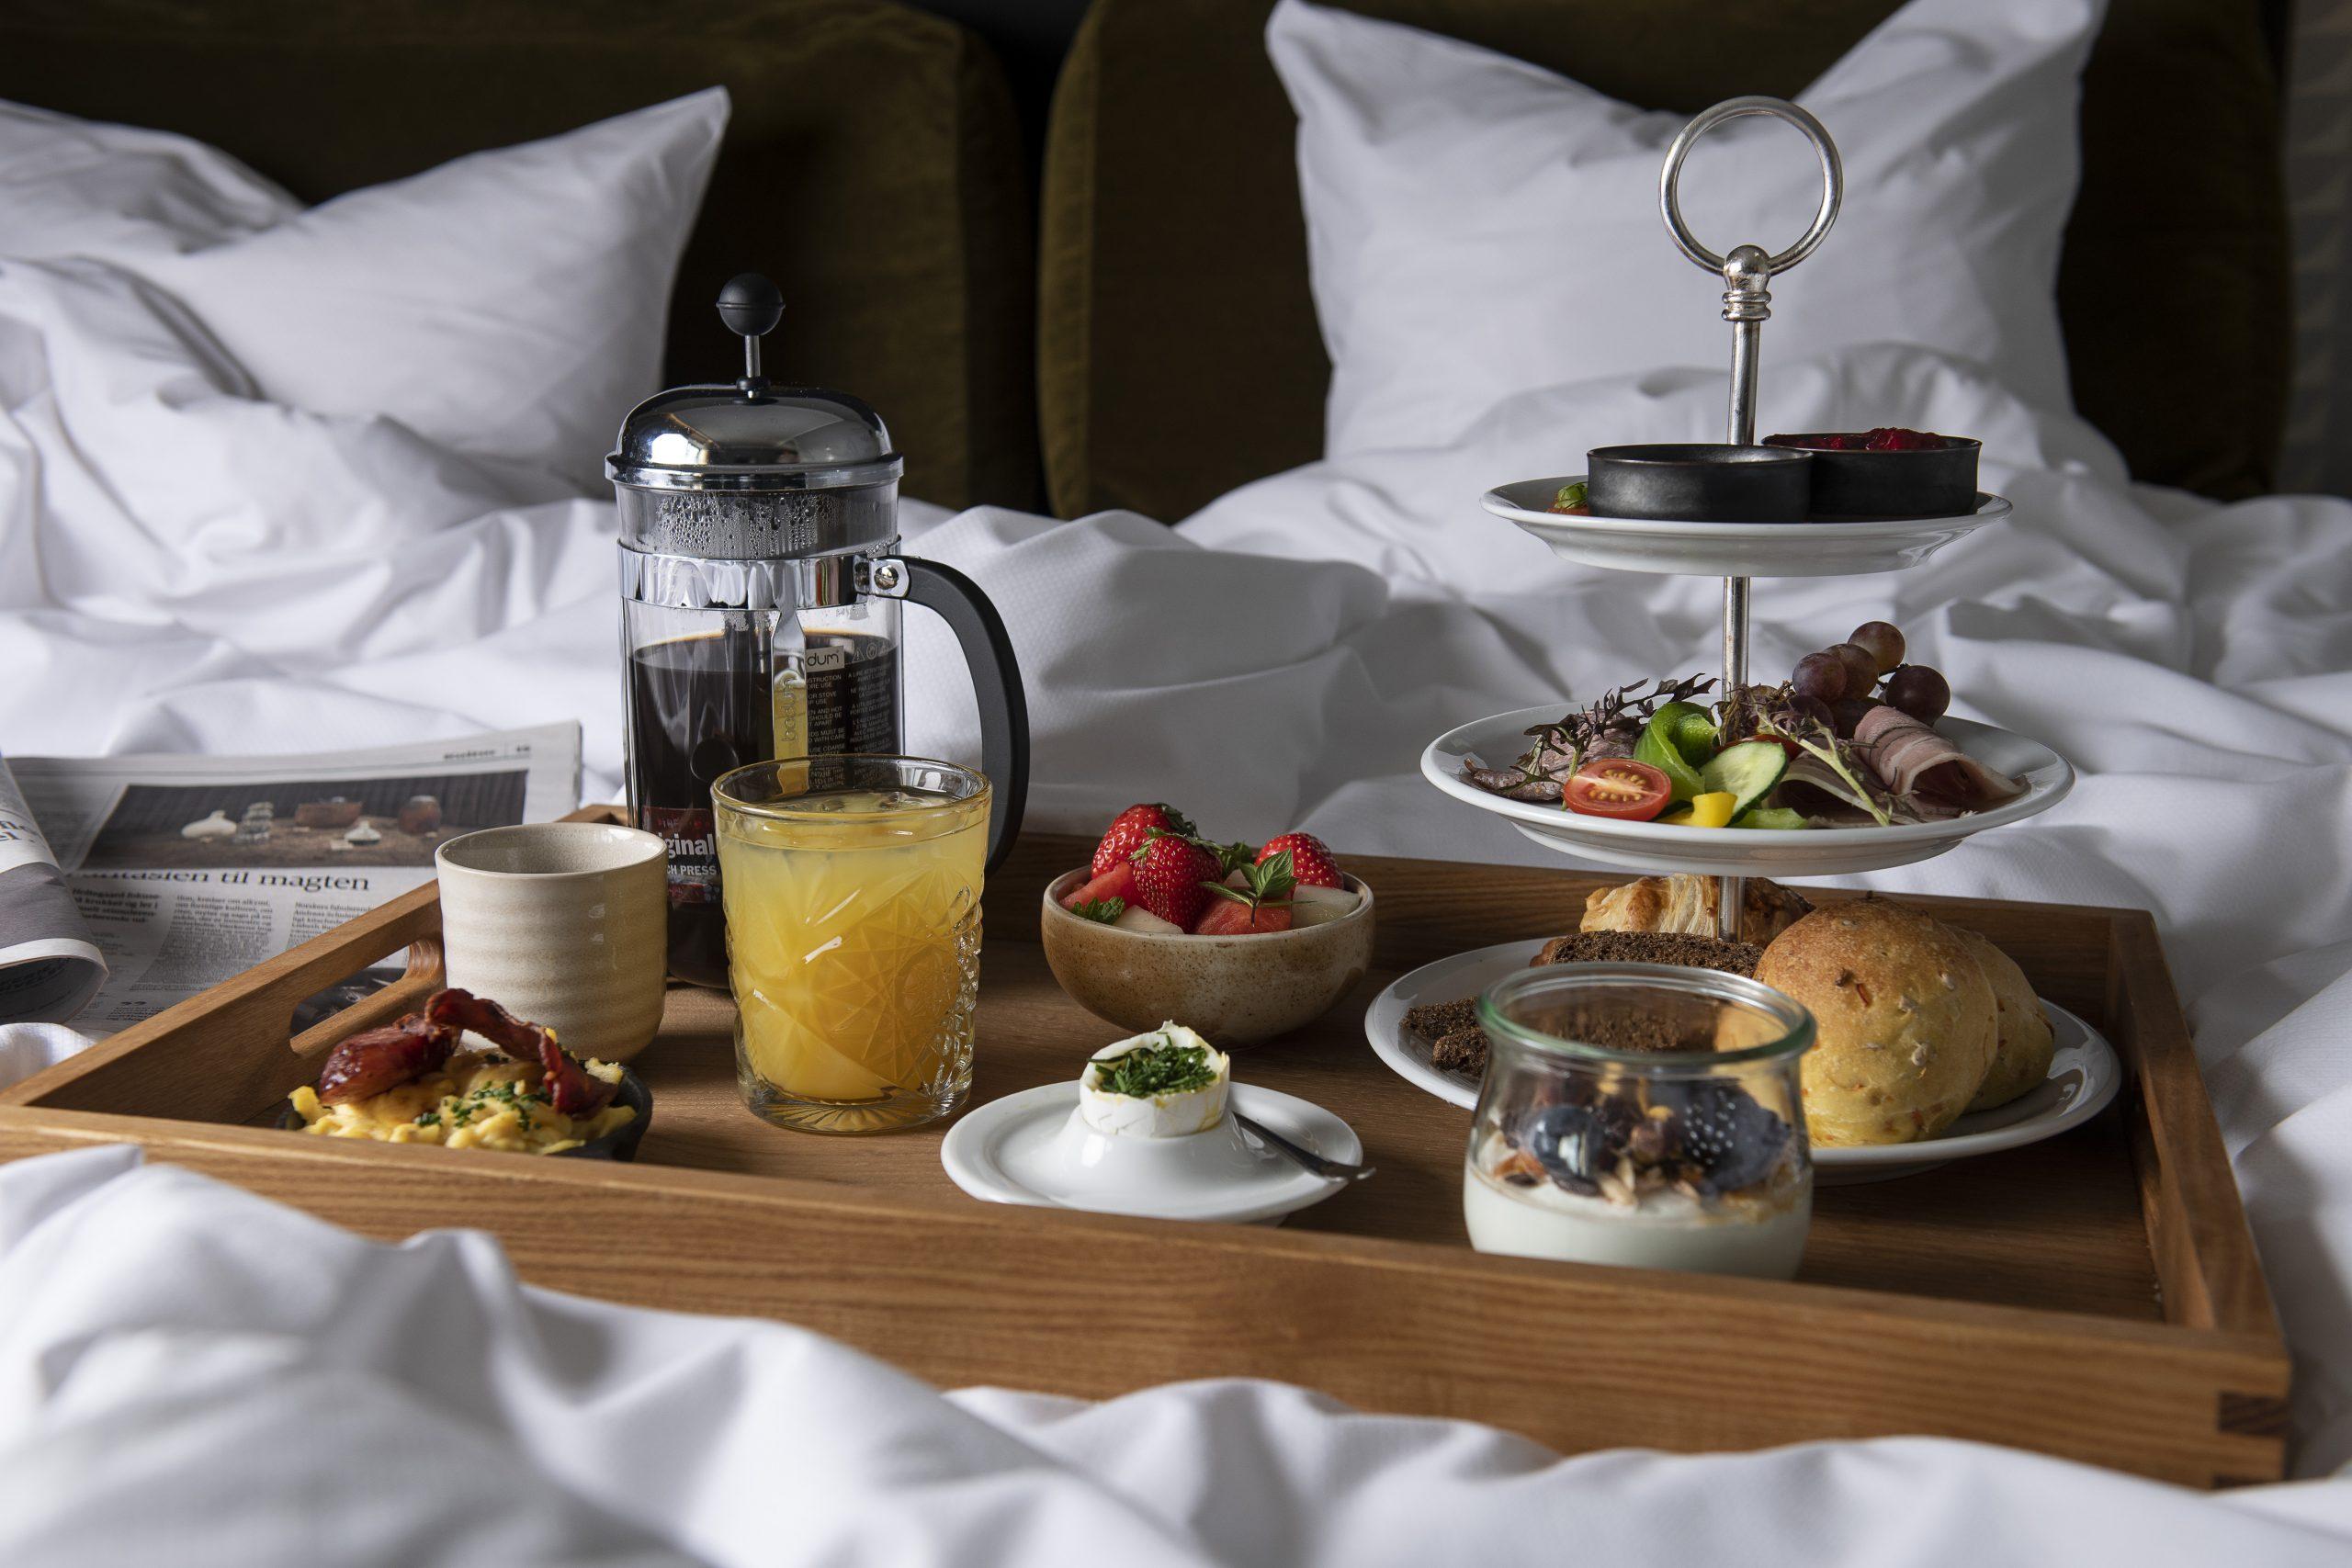 Morgenmad på værelse. Scheelsminde. Foto: © Michael Bo Rasmussen / Baghuset. Dato: 17.09.20